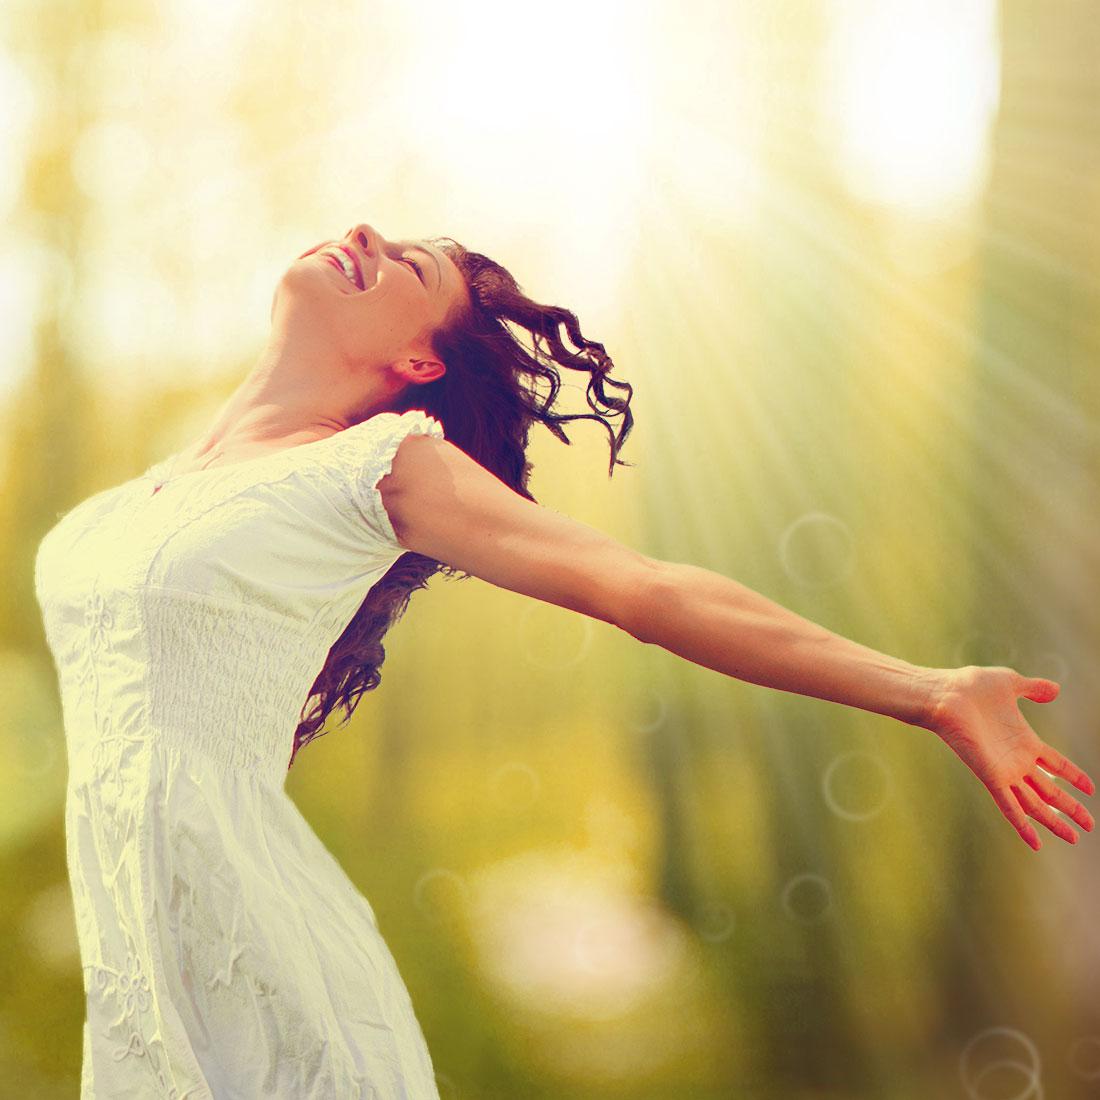 Besprechen von Krankheiten - gesunde glückliche Frau tanzt im Wald im Licht